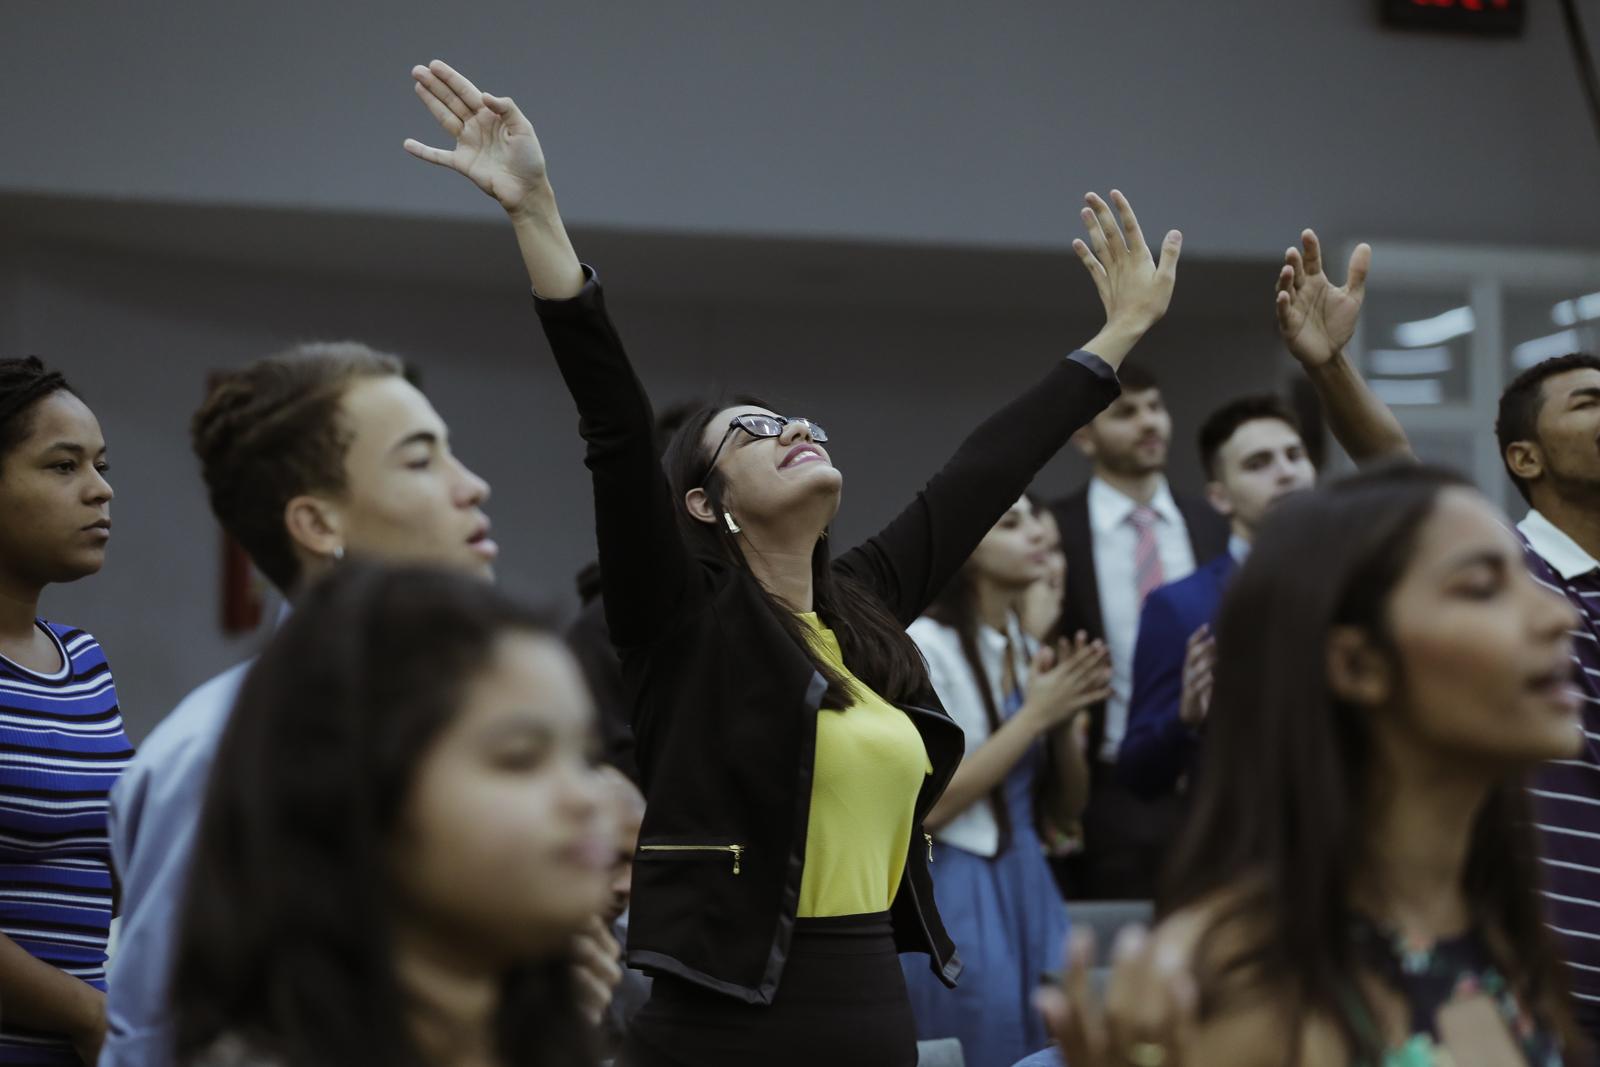 O clamor é a certeza que Deus intercede por você!